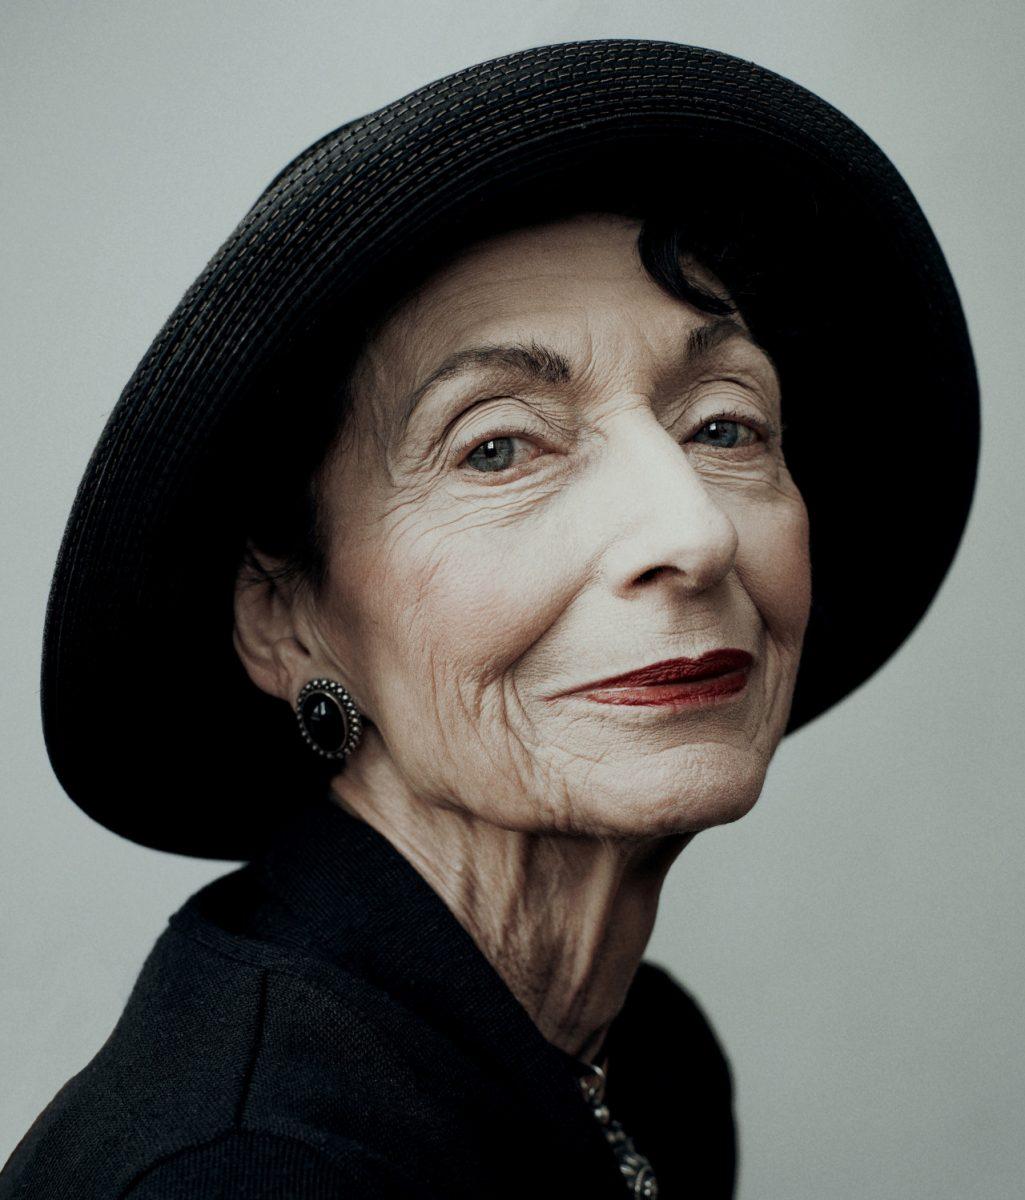 Photographie de portrait couleur par Maarten Schröder, femme âgée